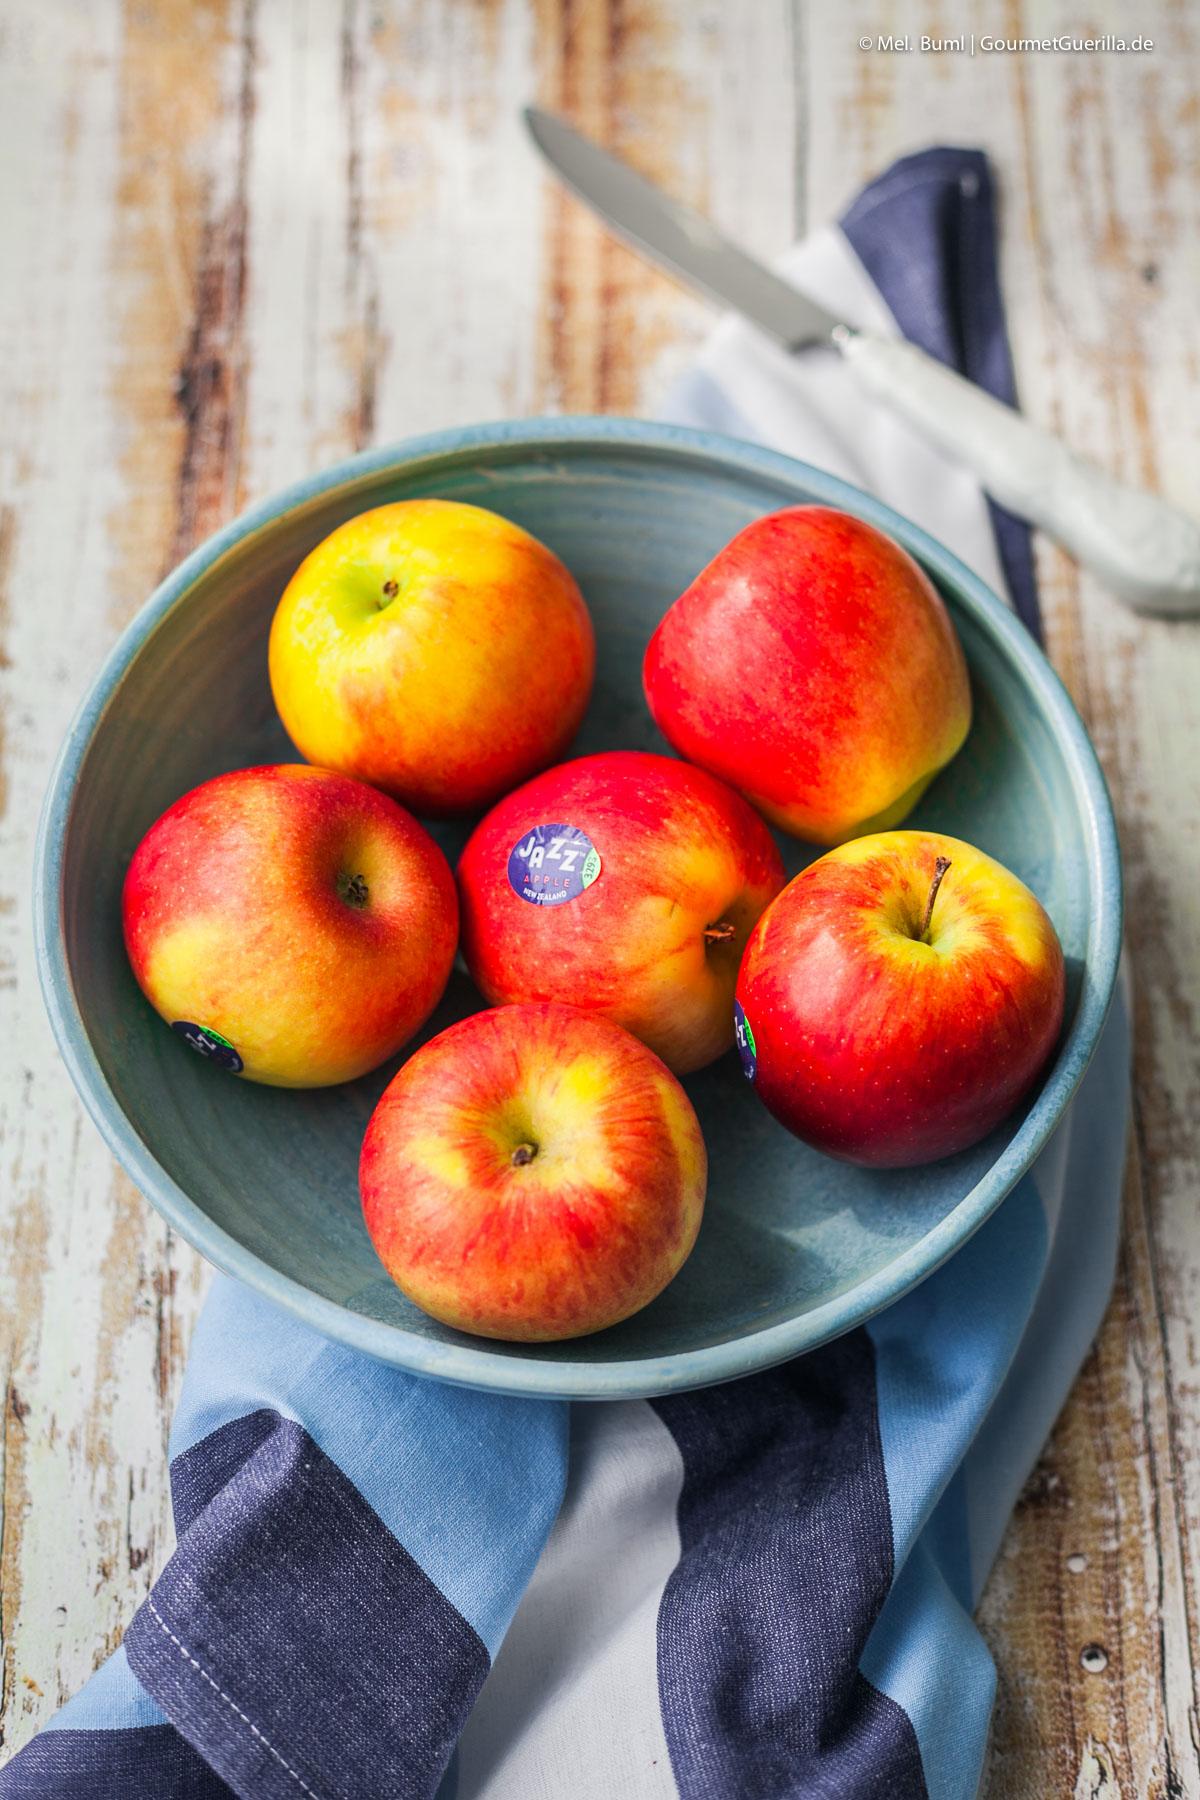 Jazz Äpfel für Feiste Stulle mit Camenbert, karamellisiertem Apfel und Mango-Chuntey |GourmetGuerilla.de